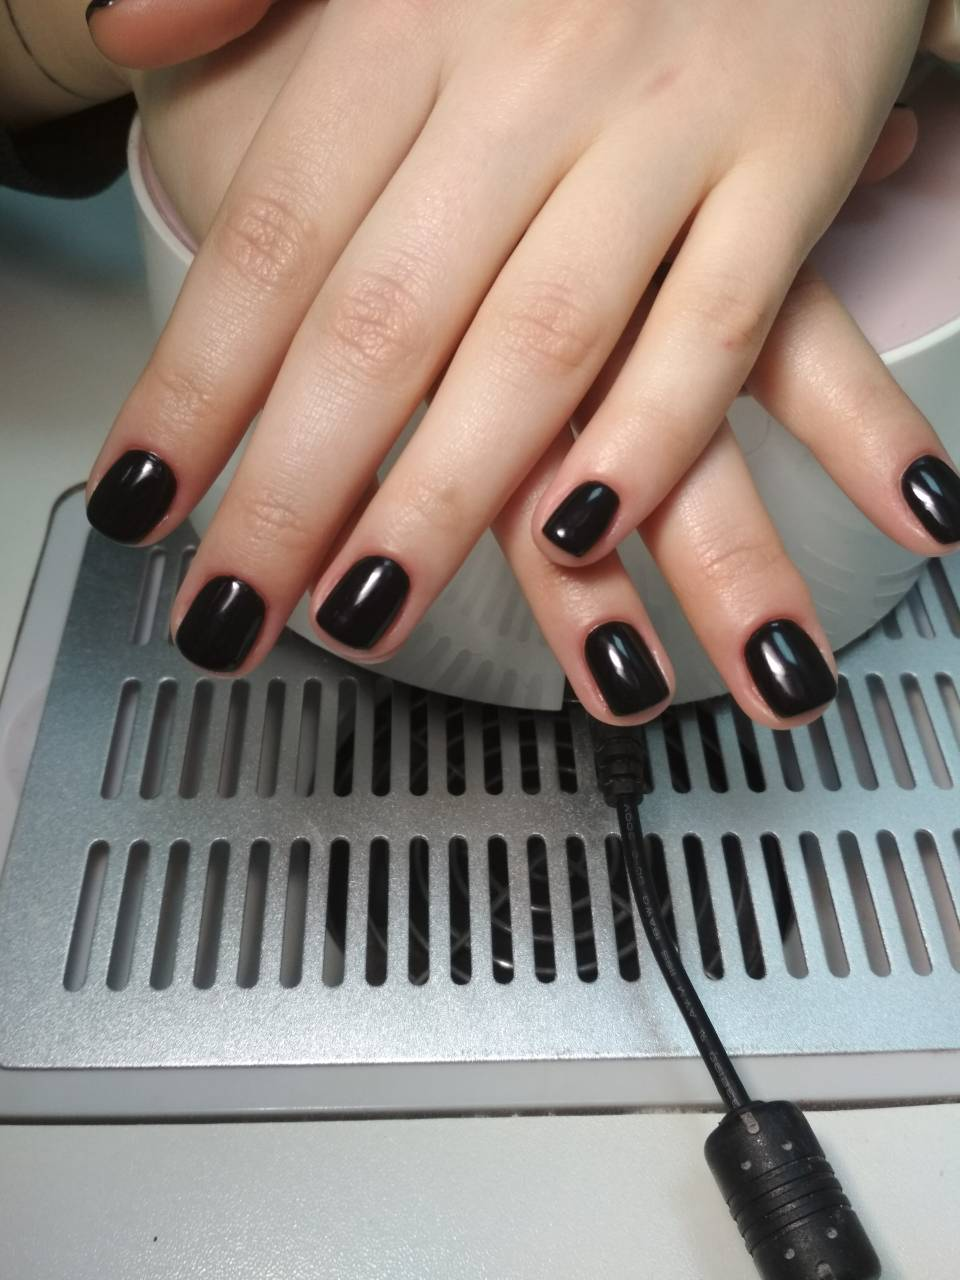 Женский маникюр/педикюр, простое/долговременное покрытие,дизайн ногтей от 5 руб.